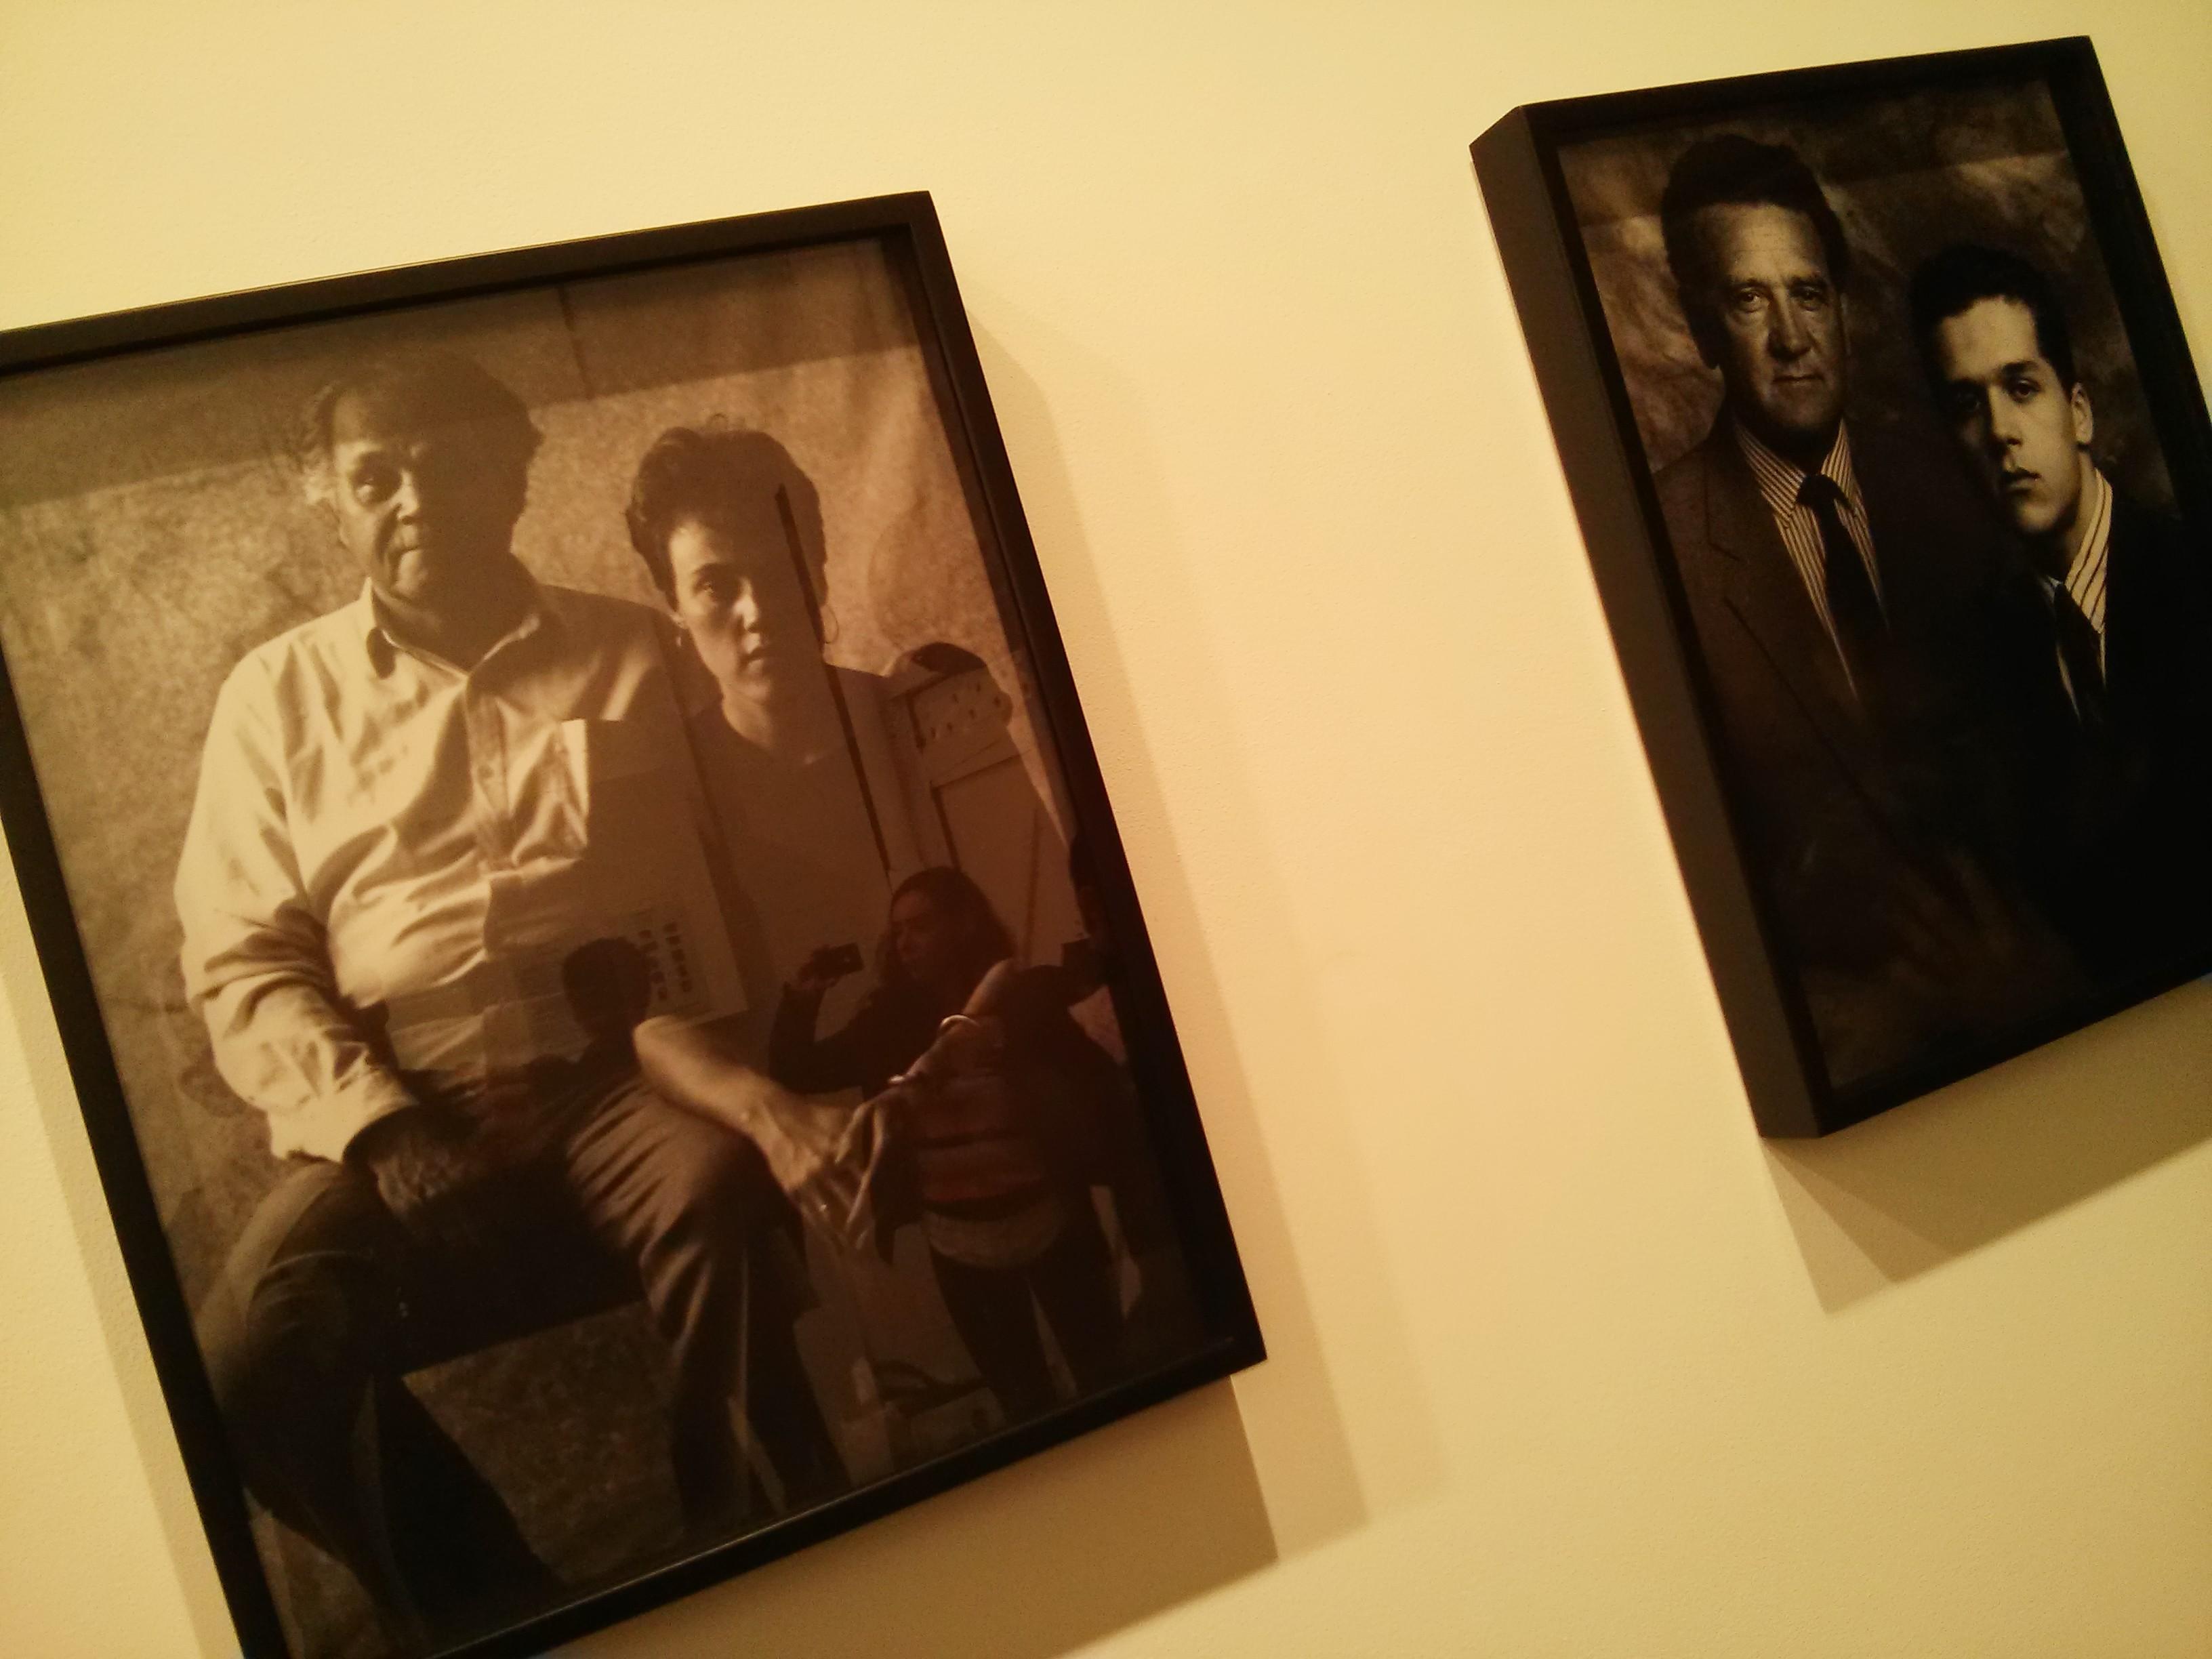 Michael Riley & Gadigal Exhibitions